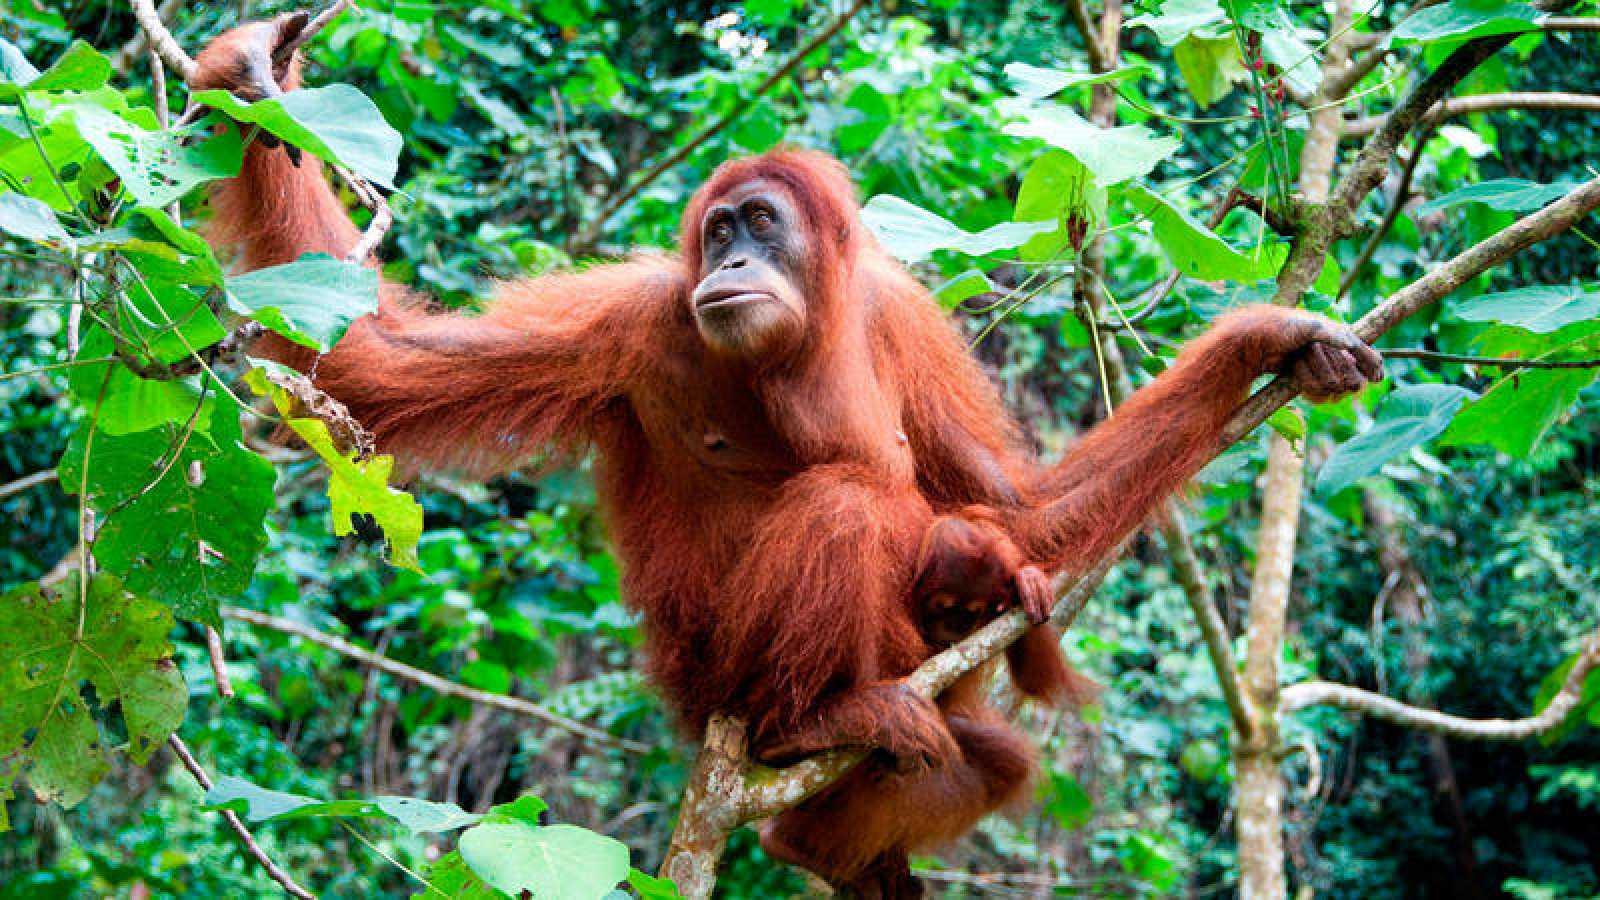 Las tres especies existentes de orangután se encuentran en estado de peligro crítico y presentan un fuerte declive.